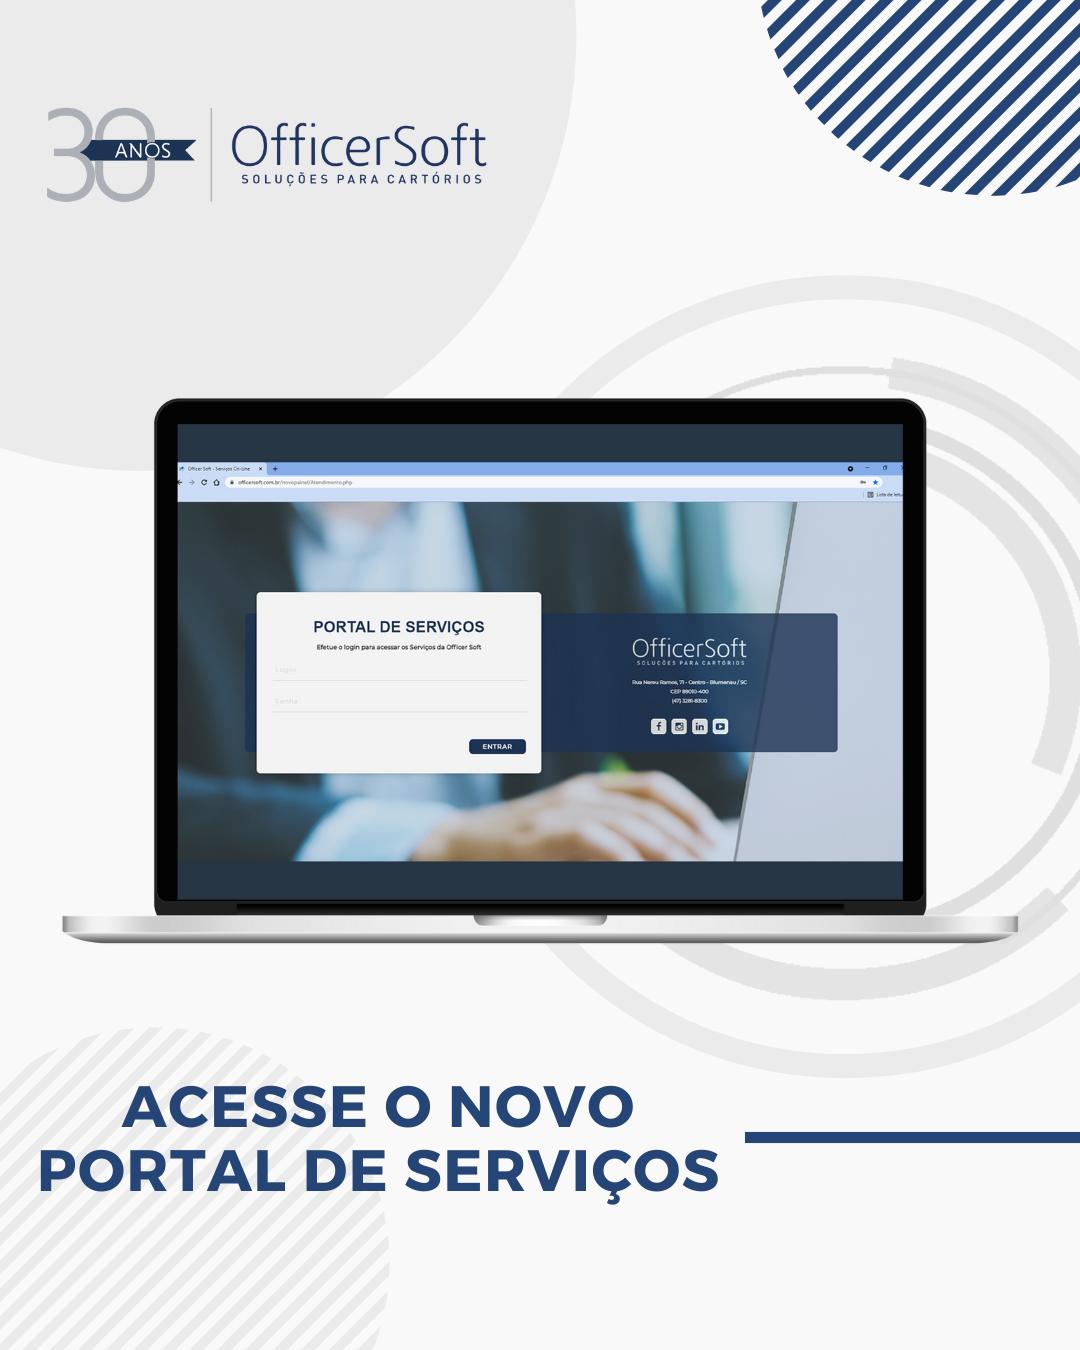 Novo Portal de Serviços